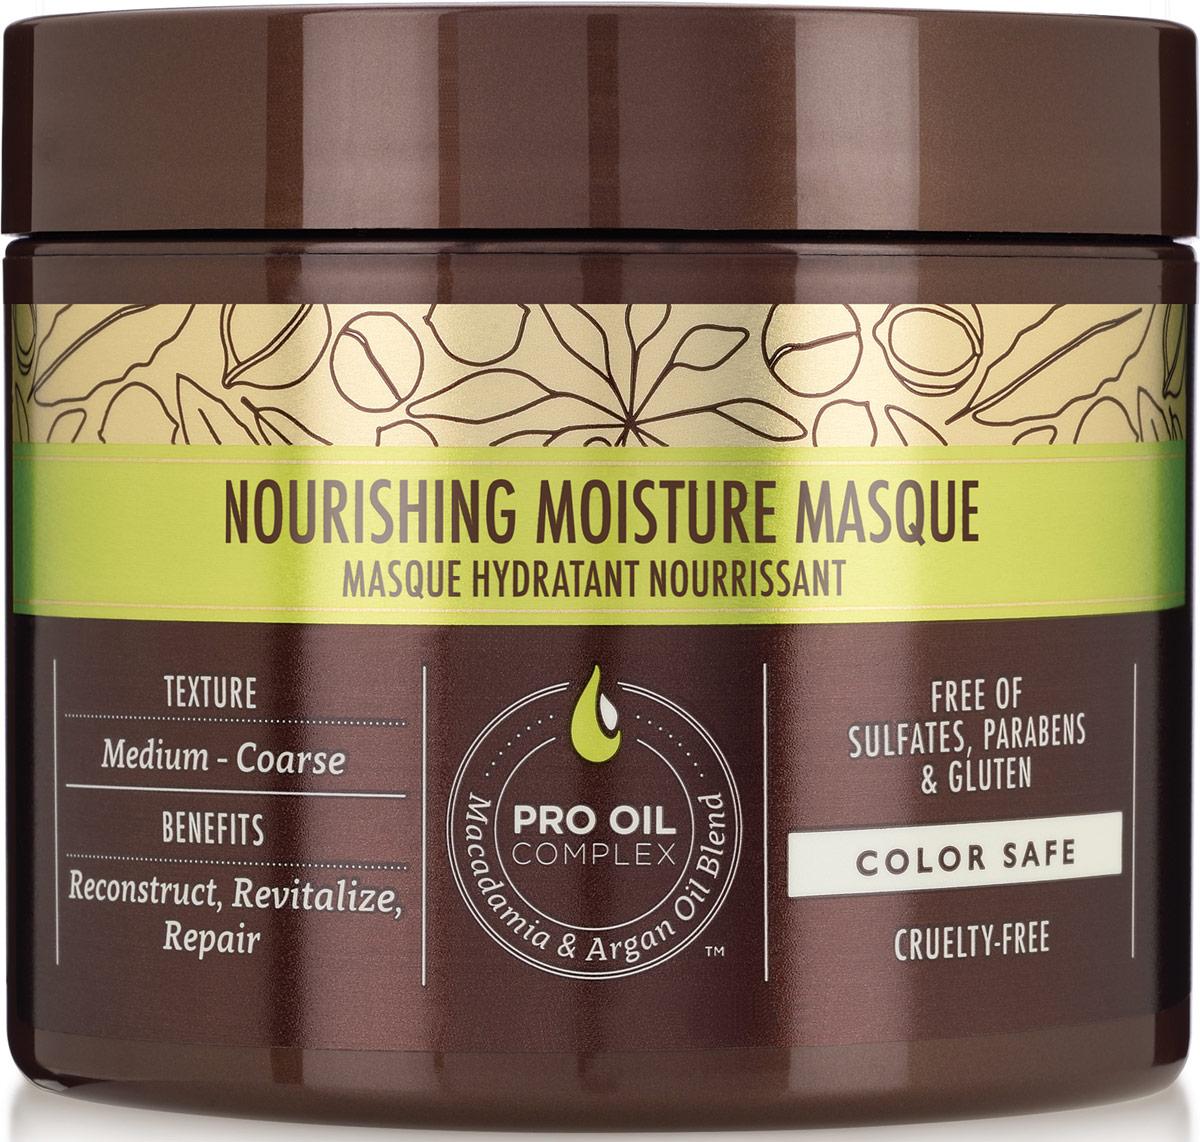 Macadamia Professional Маска питательная для всех типов волос, 60 мл